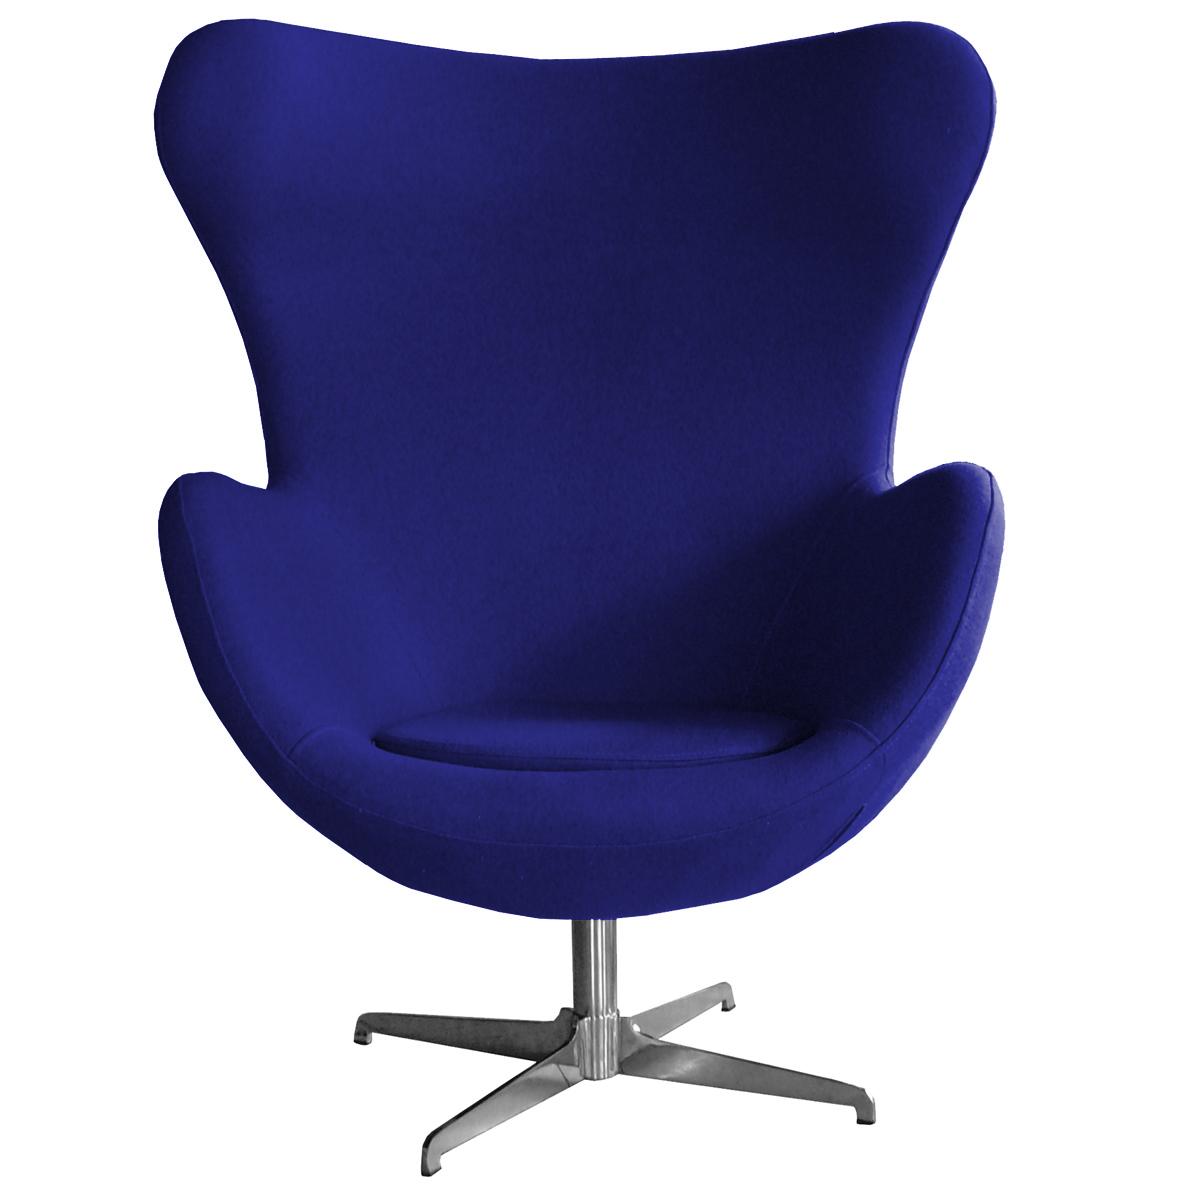 egg chair light blue. Black Bedroom Furniture Sets. Home Design Ideas